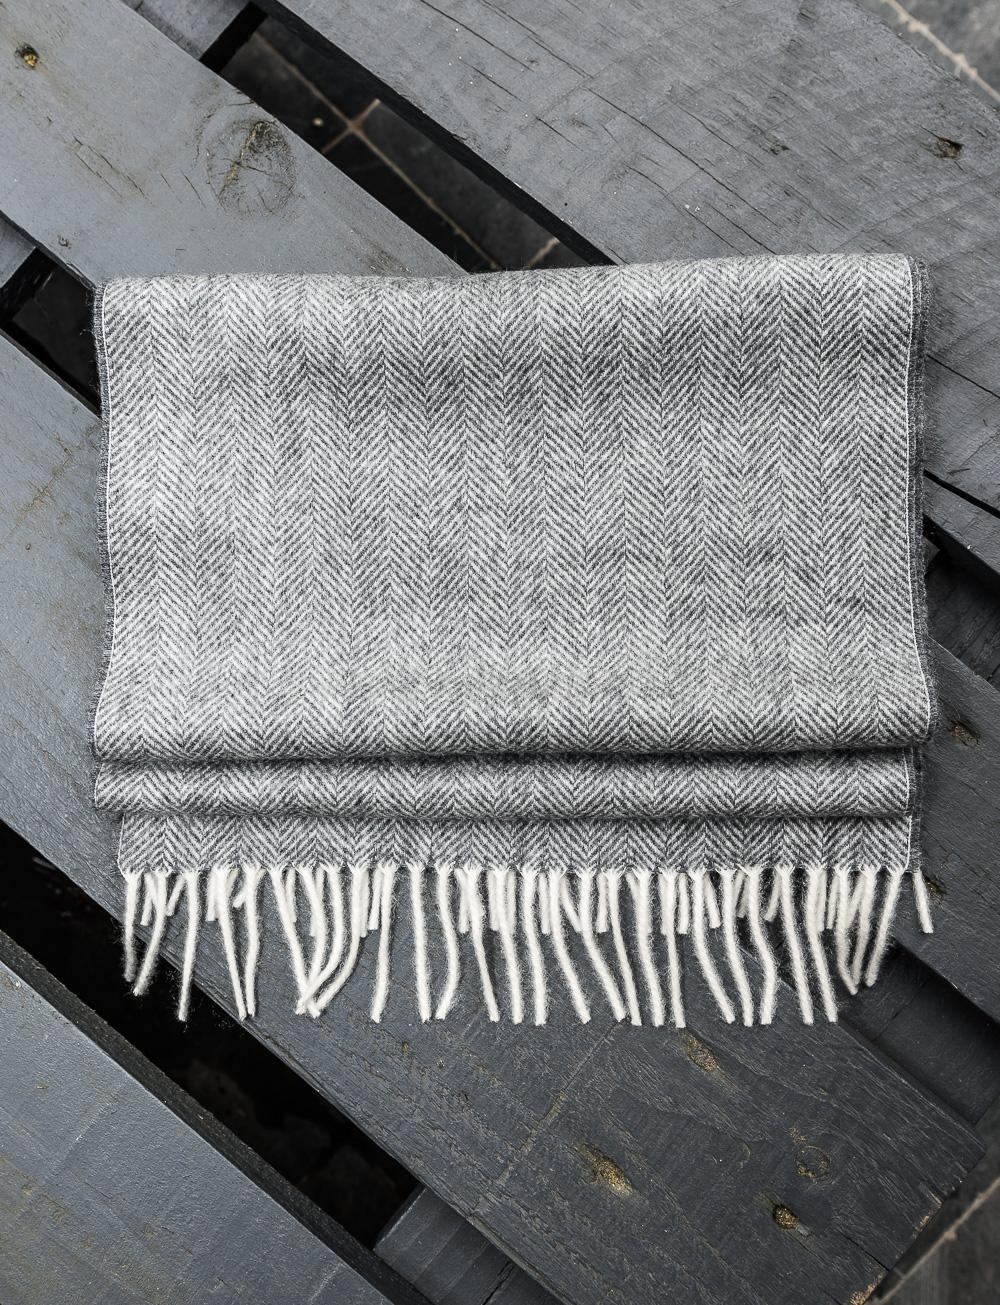 Echarpe en cachemire motif chevrons – gris. SOLDES. SOLDES. SOLDES ·  ECHARPE CADOT 04 7737a827634